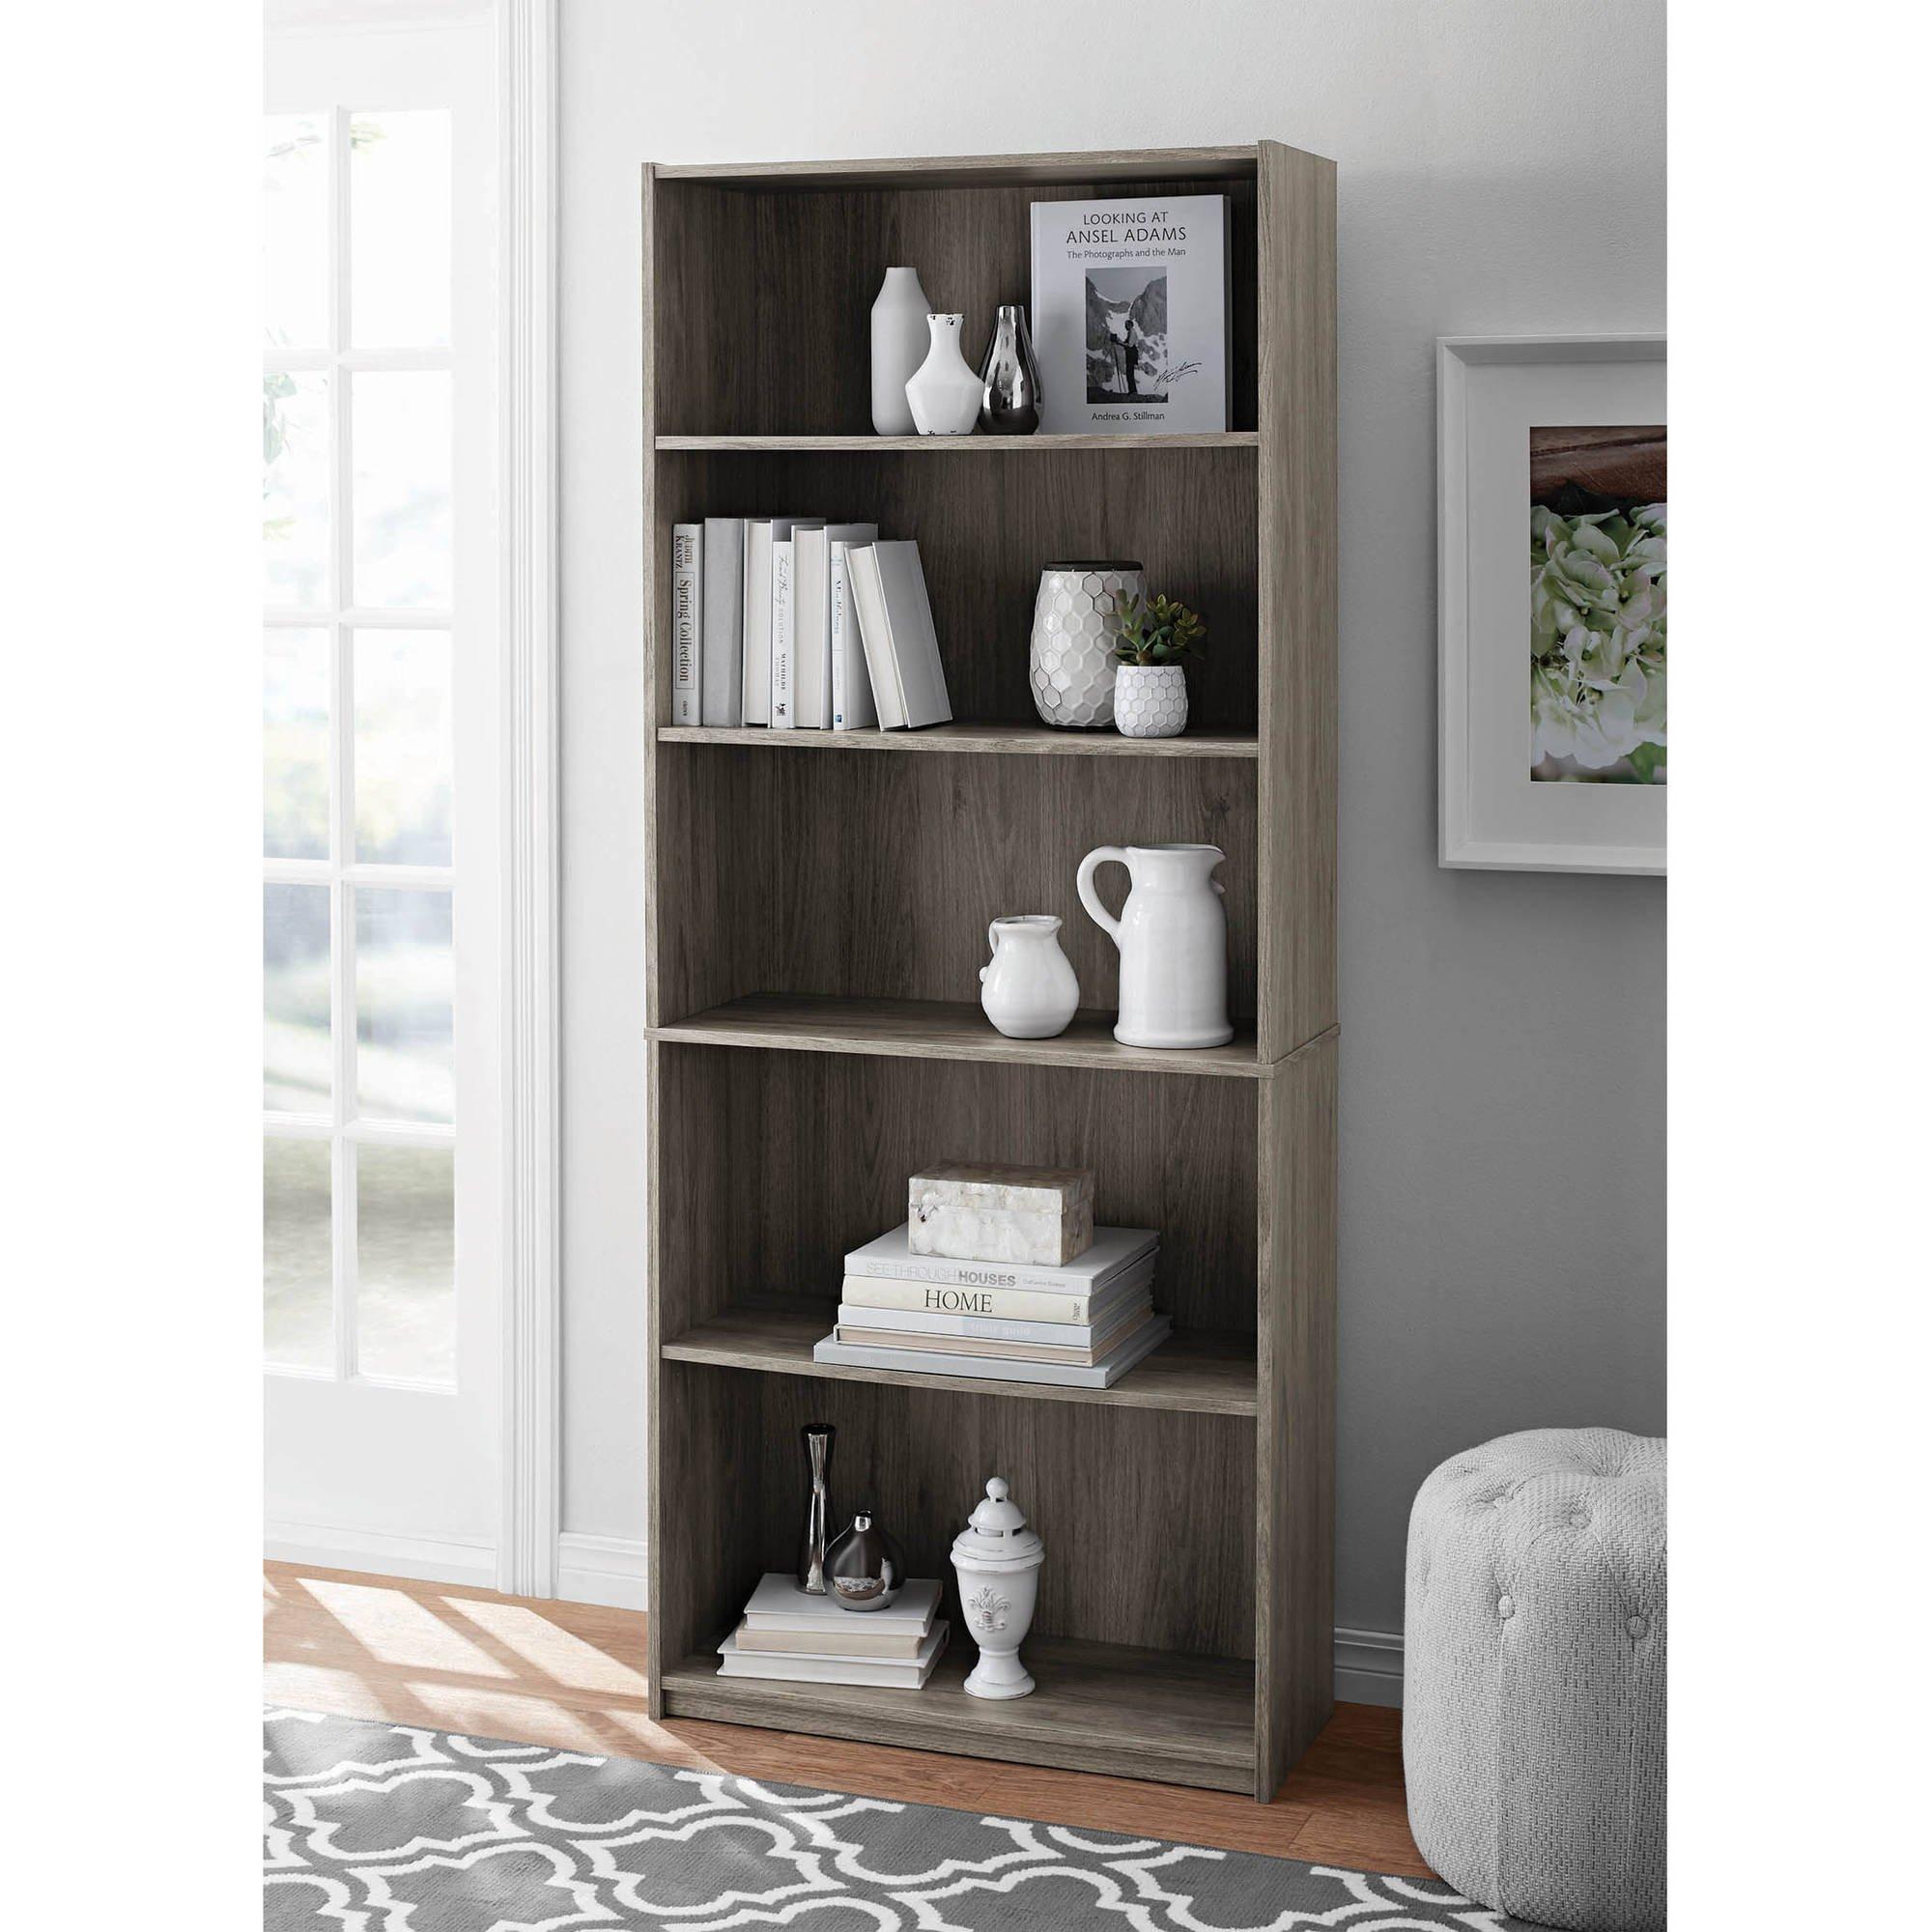 Mainstay` 5-Shelf Wood Bookcase in Rustic Oak